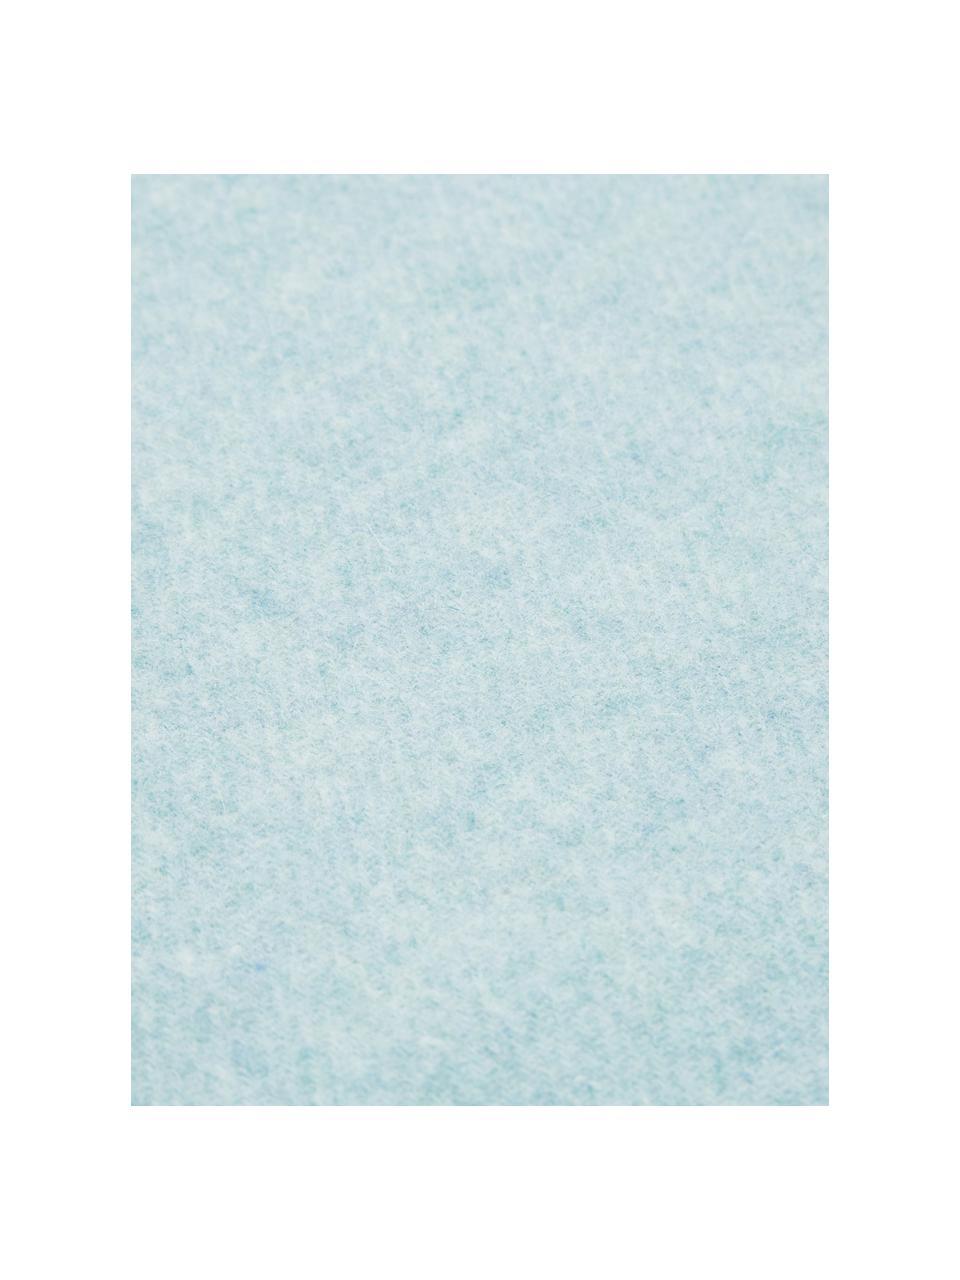 Leichte Wolldecke Patriciu mit Fransenabschluss, 100% Wolle, Grünblau, 130 x 170 cm